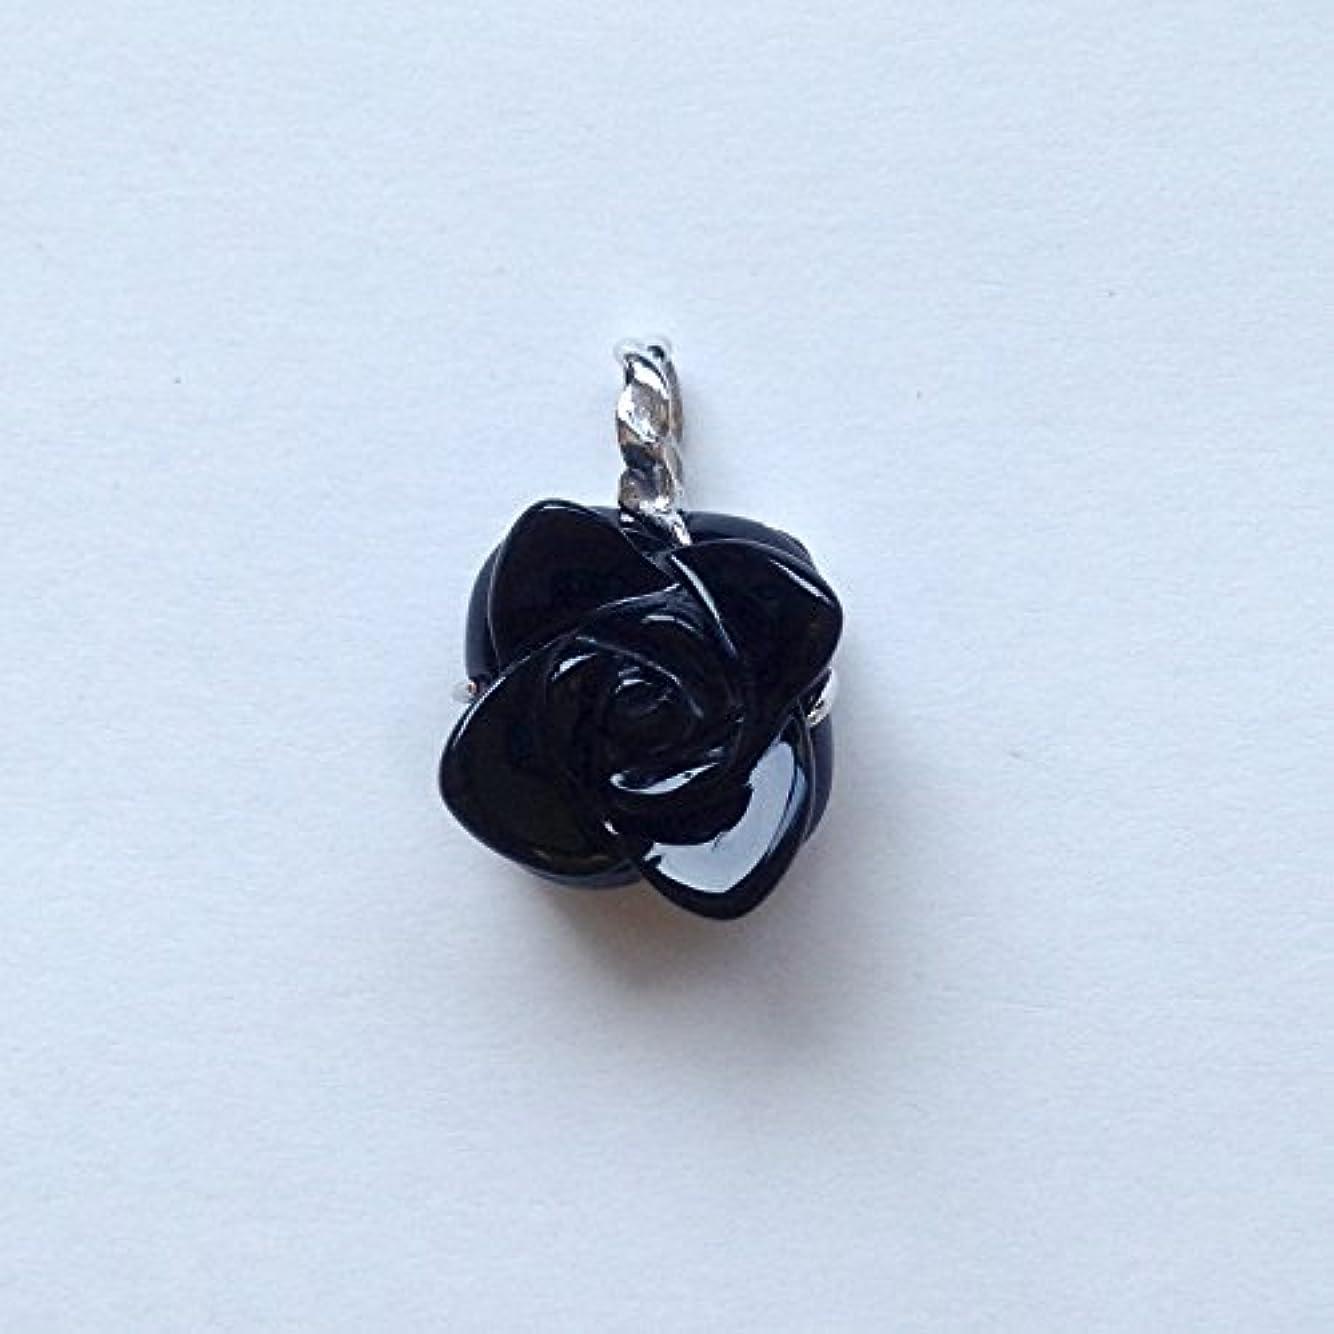 入力植生脊椎香る宝石SVオニキスペンダント通常¥26,800の所 (Ag925)